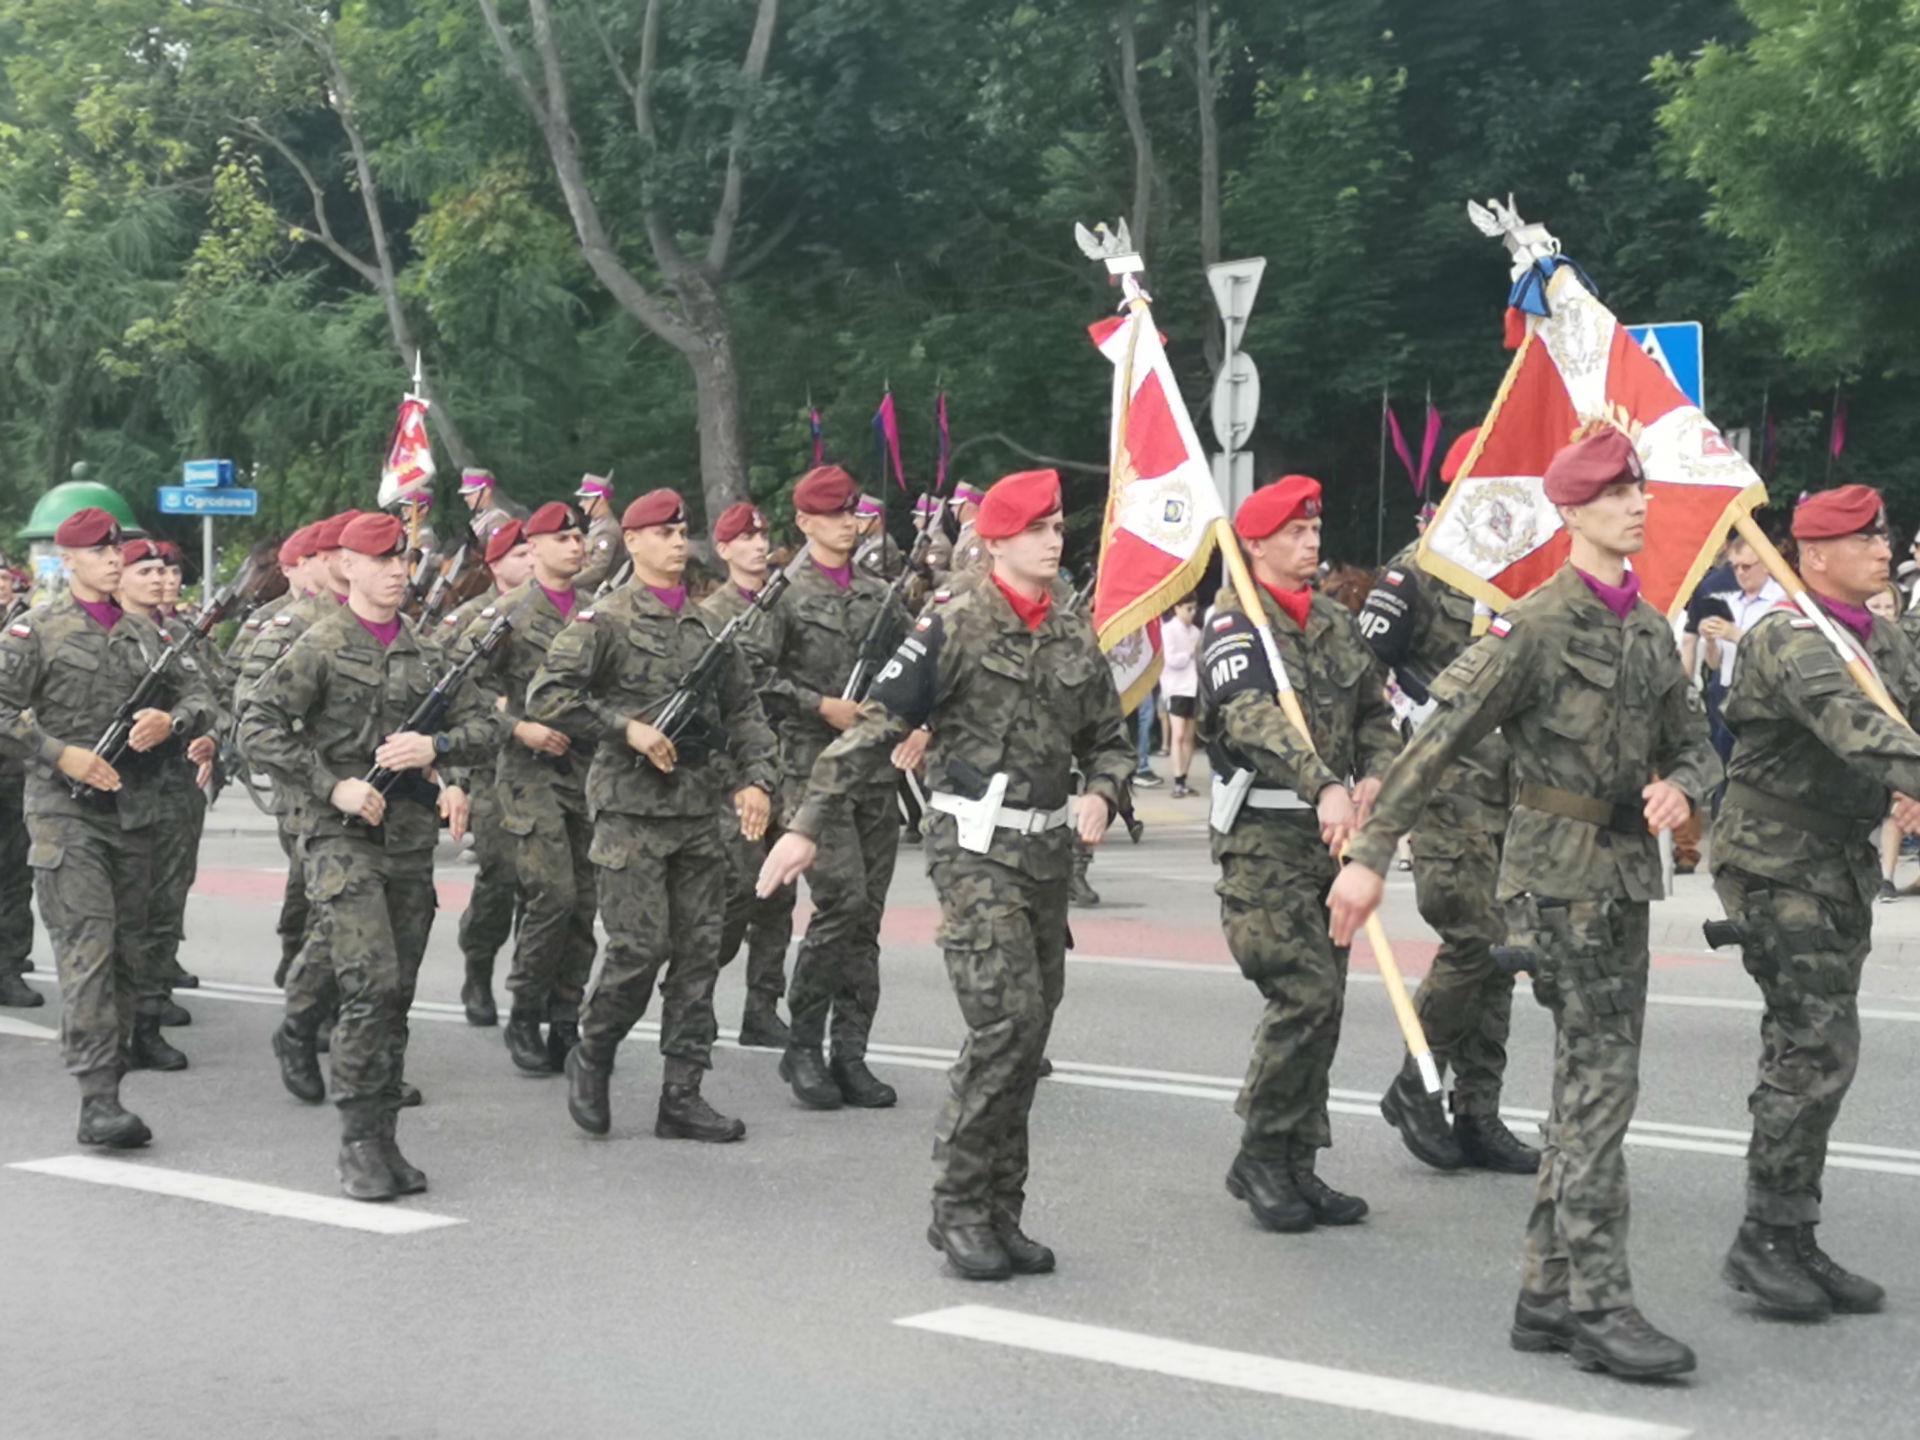 Parada z okazji obchodów 100-lecia przybycia 7 Pułku Ułanów Lubelskich do Mińska Mazowieckiego. Ulicą miasta idzie oddział żółnierzy w mundurach moro i czerwonych beretach. Niektórzy niosą karabiny oraz chorągwie.